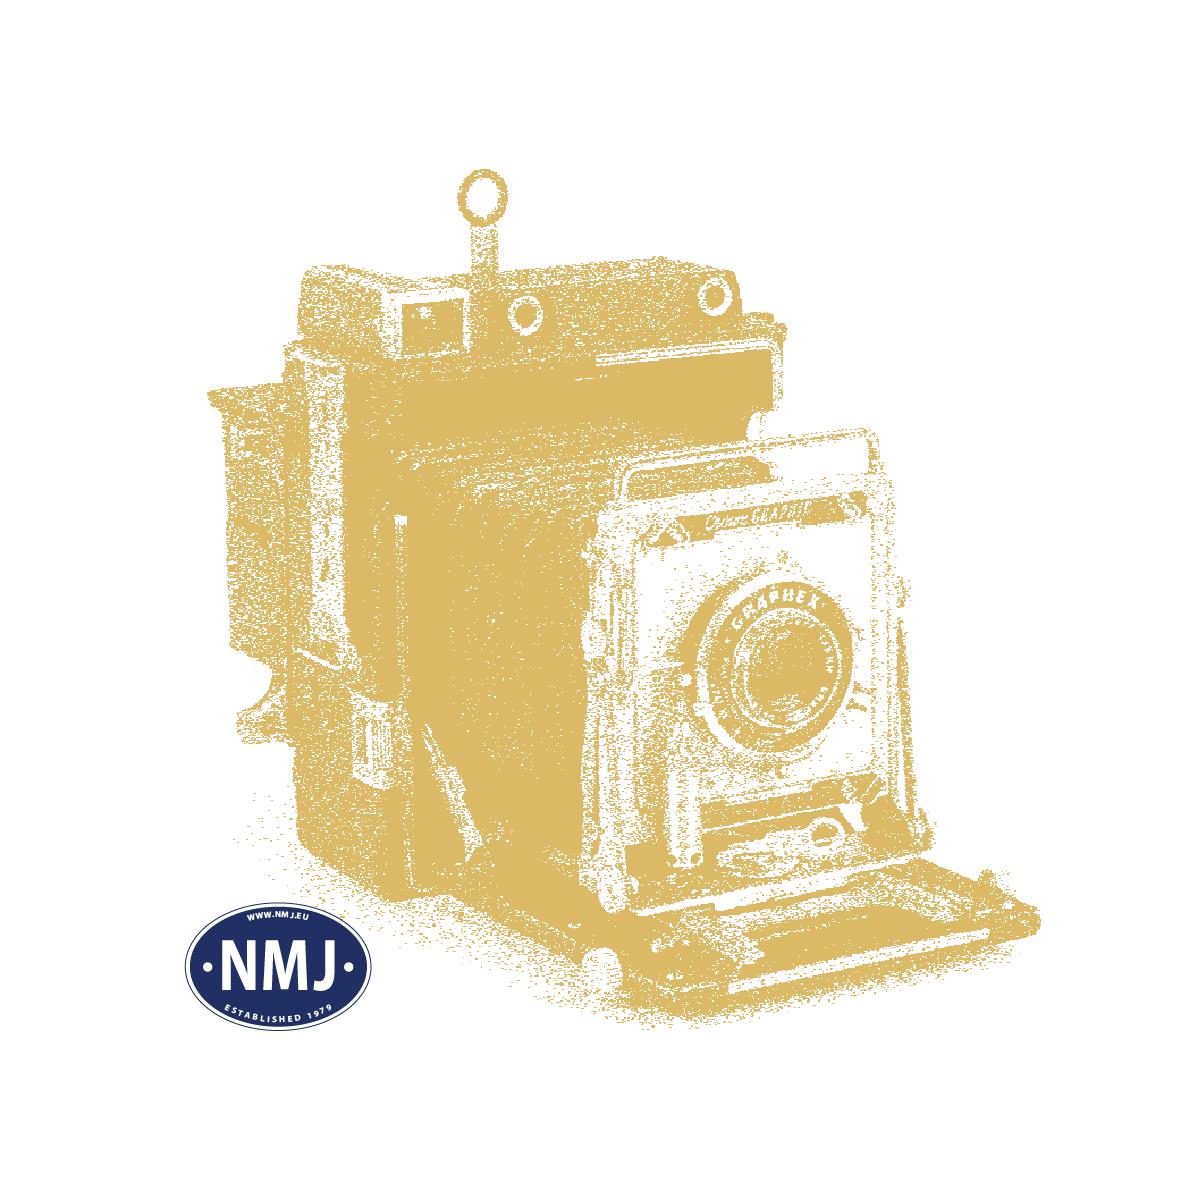 NMJT205.401 - NMJ Topline SJ B5B.4983, 2 kl. Personvogn, blå/sort design V.2